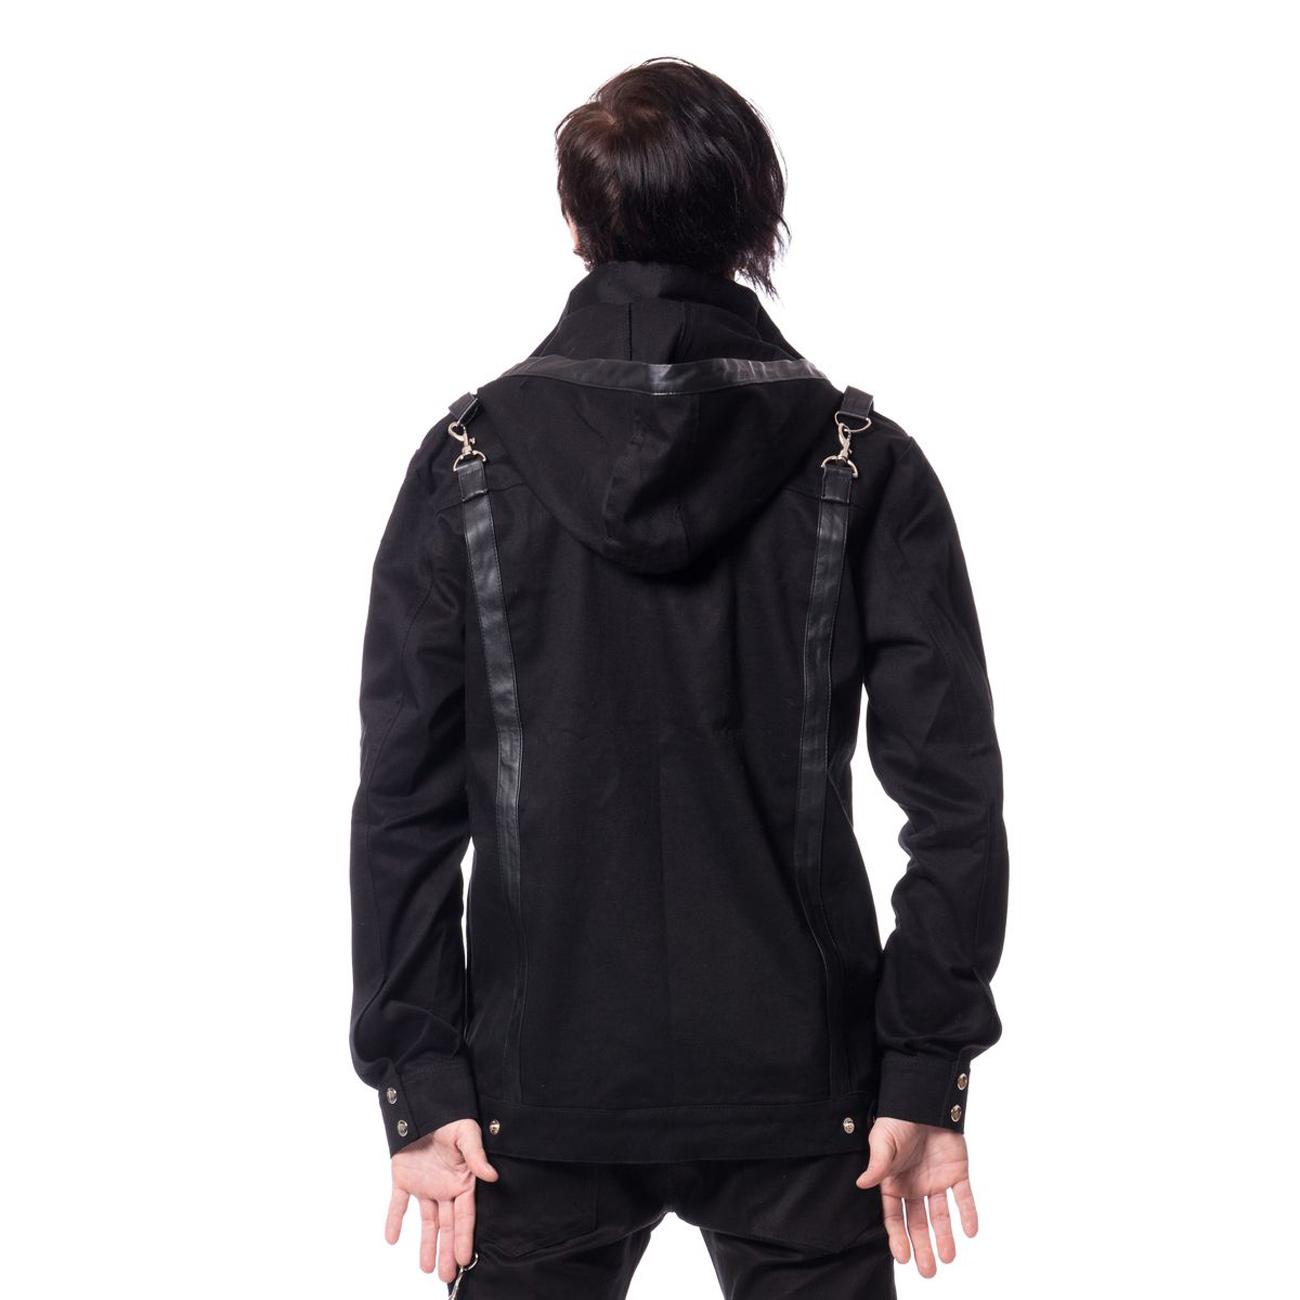 damien jacket mens black schwarze herren jacke. Black Bedroom Furniture Sets. Home Design Ideas